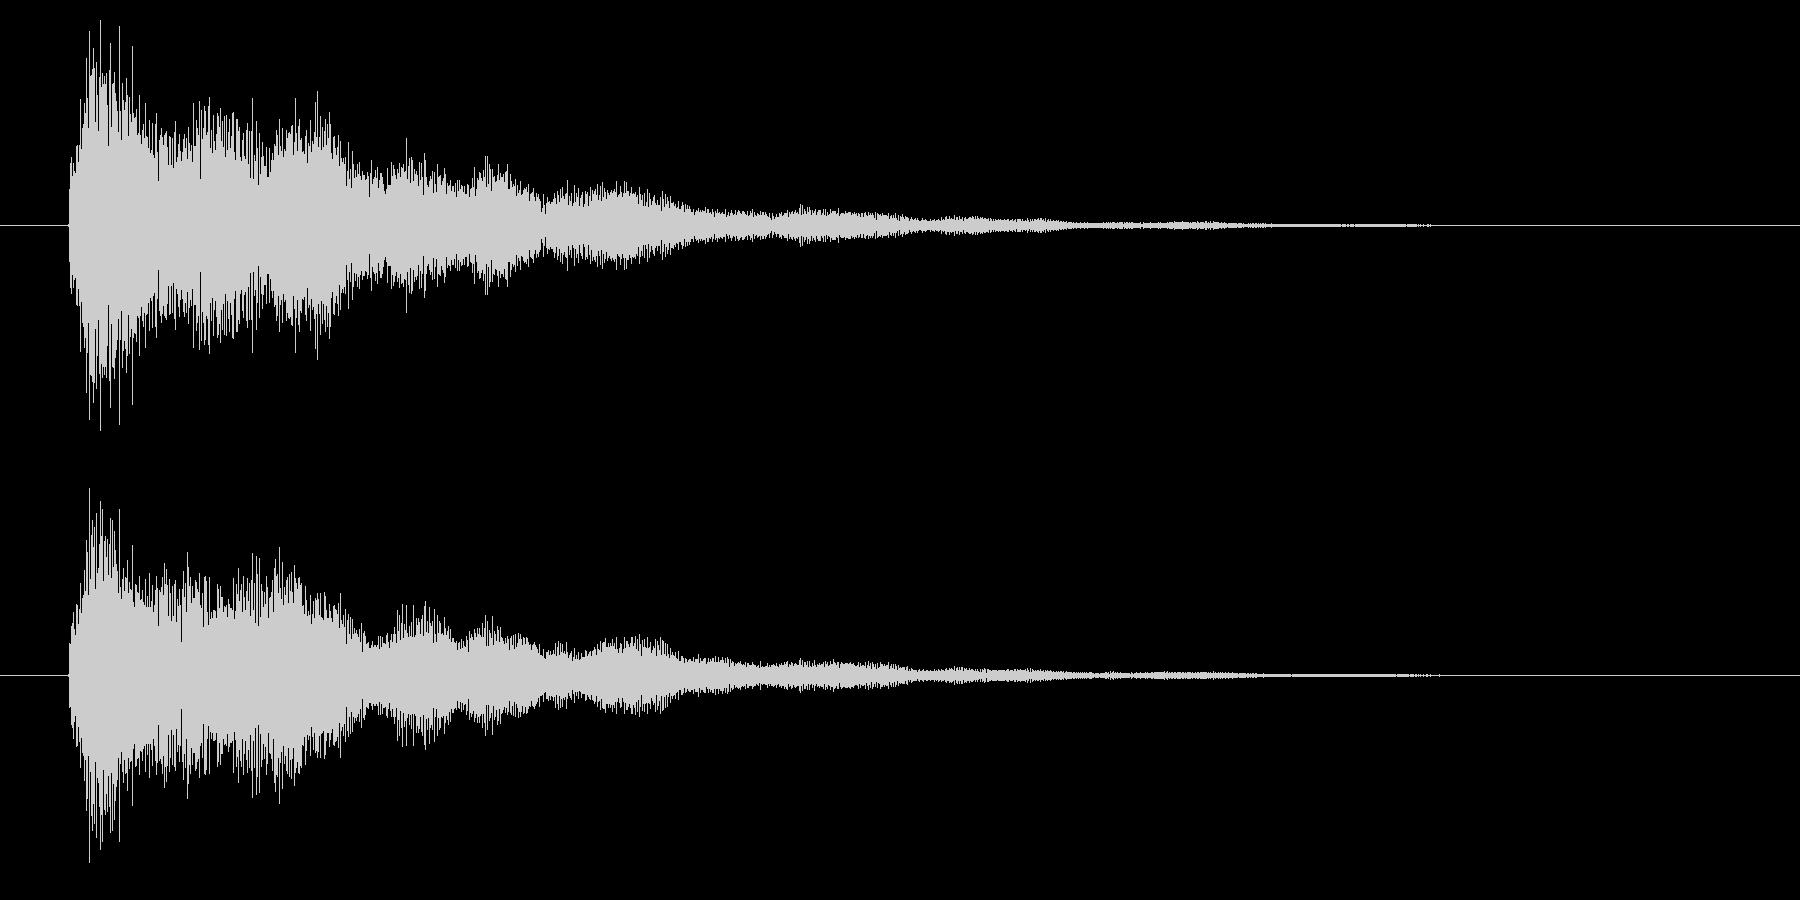 キラキラ系の決定音・開始音ですの未再生の波形